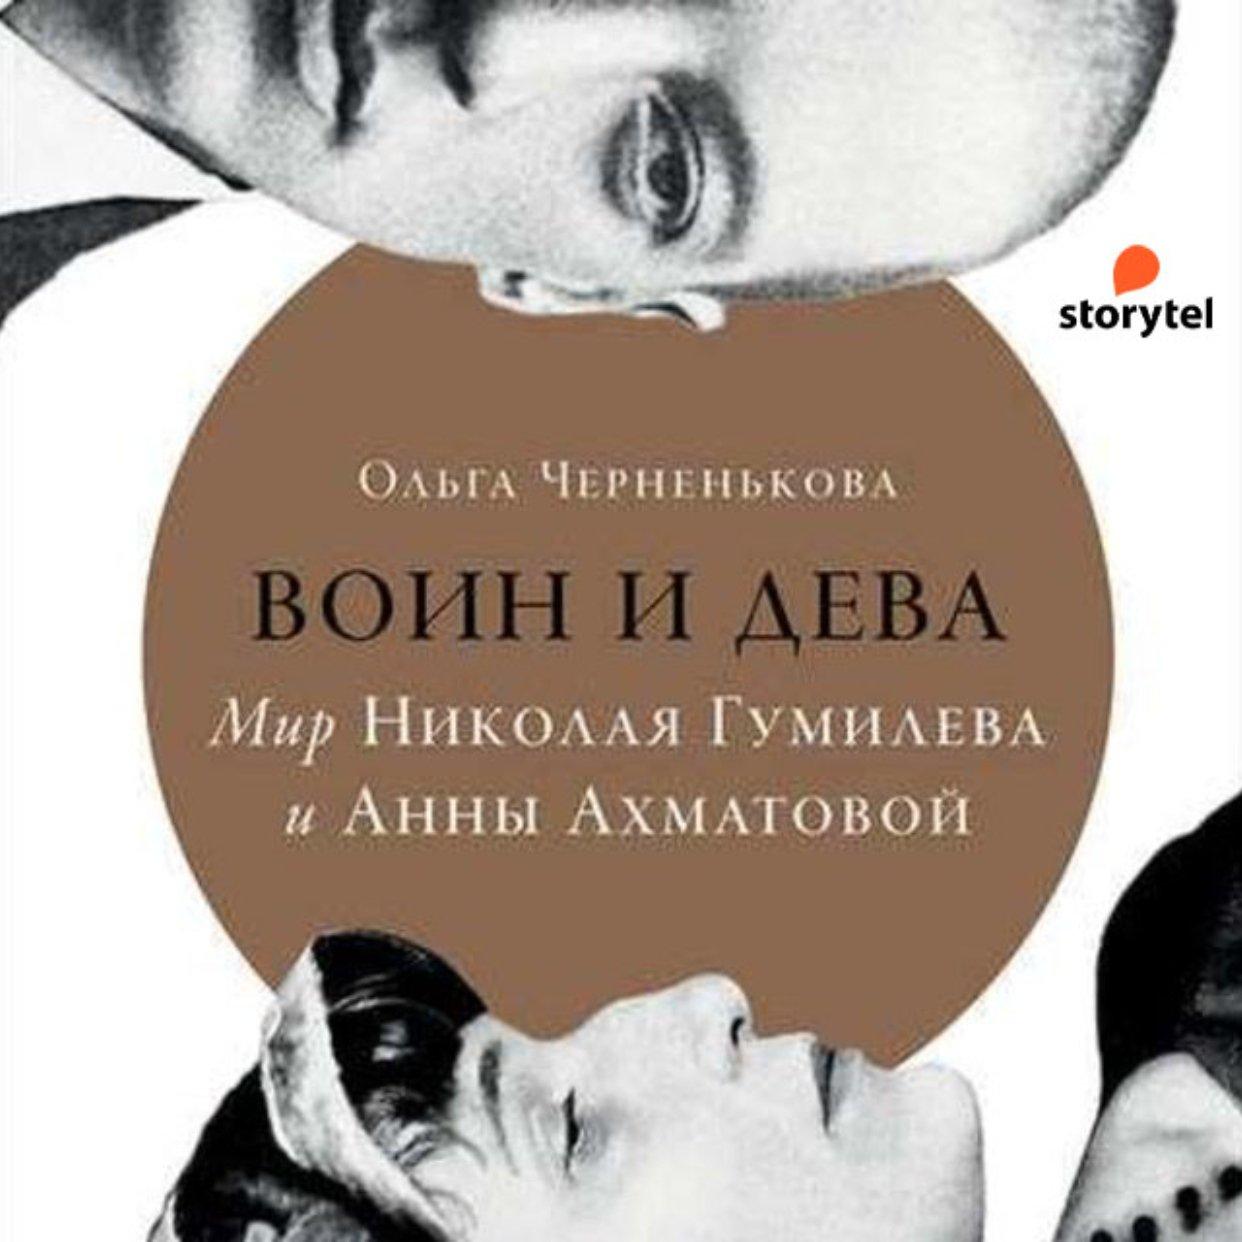 Воин и дева. Мир Николая Гумилева и Анны Ахматовой